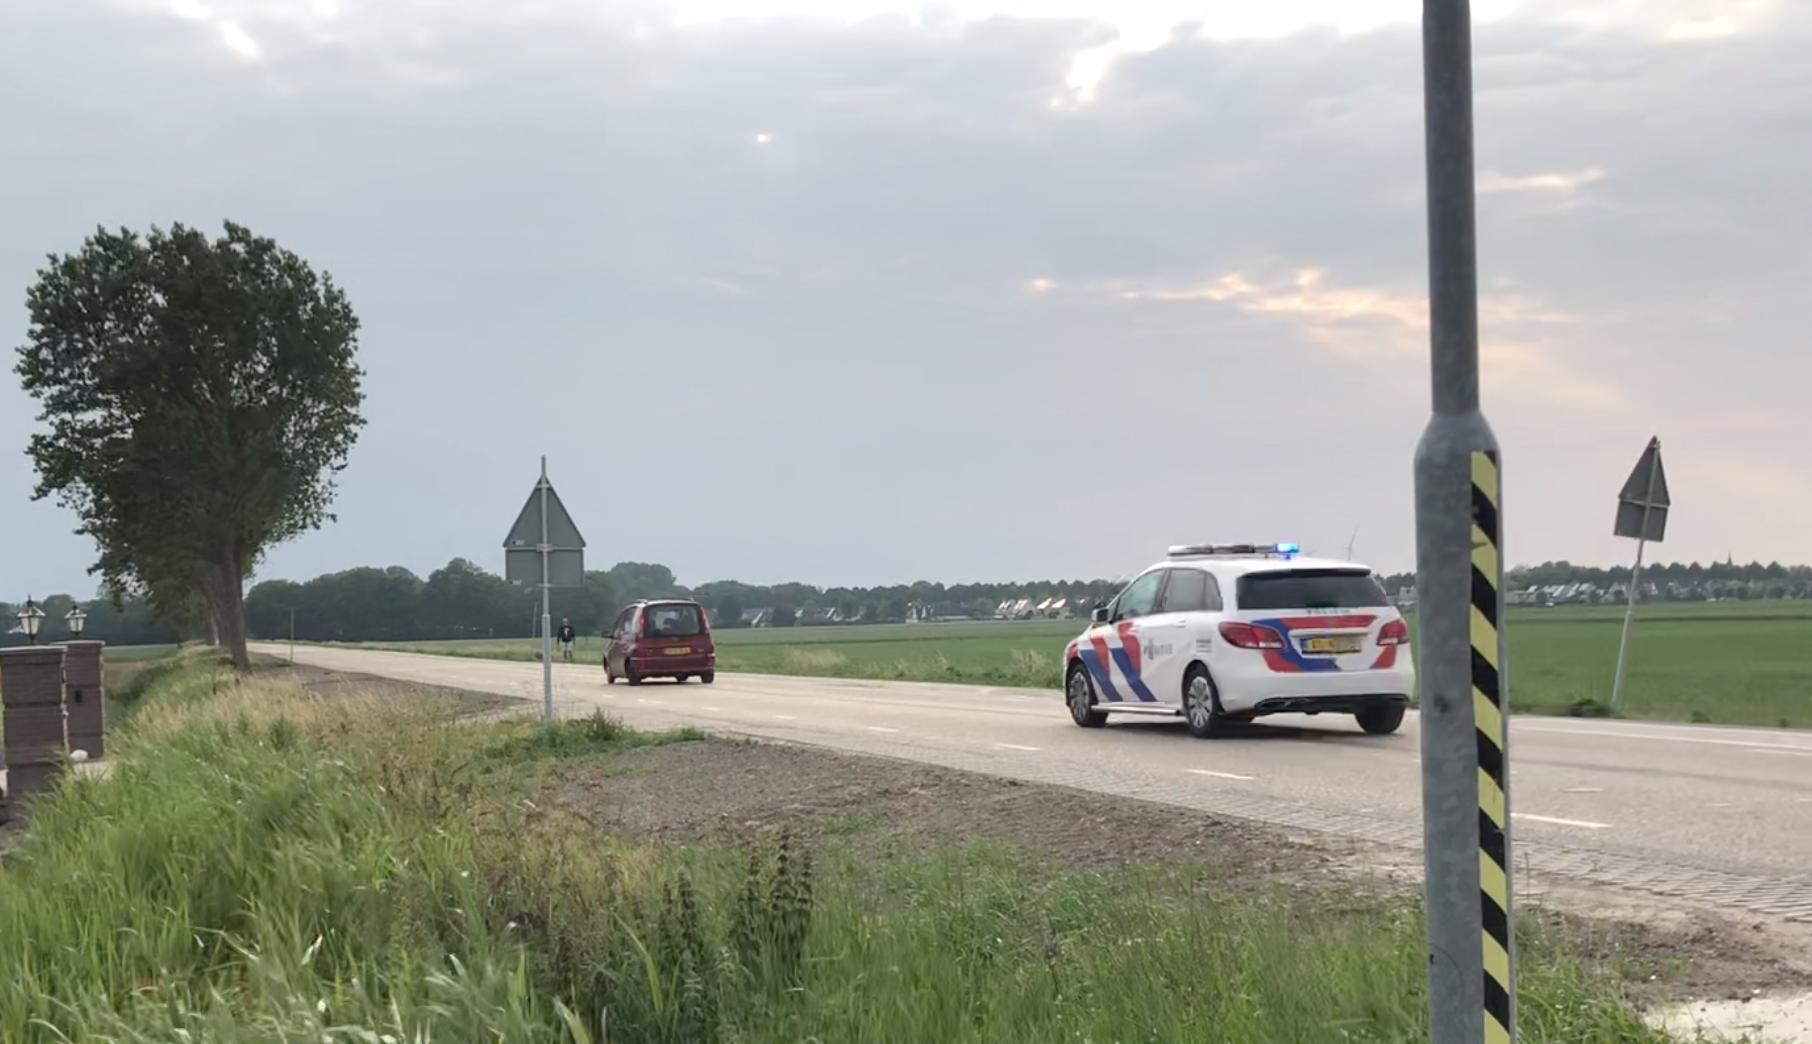 Politie rijdt gestolen auto klem in Wieringerwaard na achtervolging vanaf Den Oever [video]